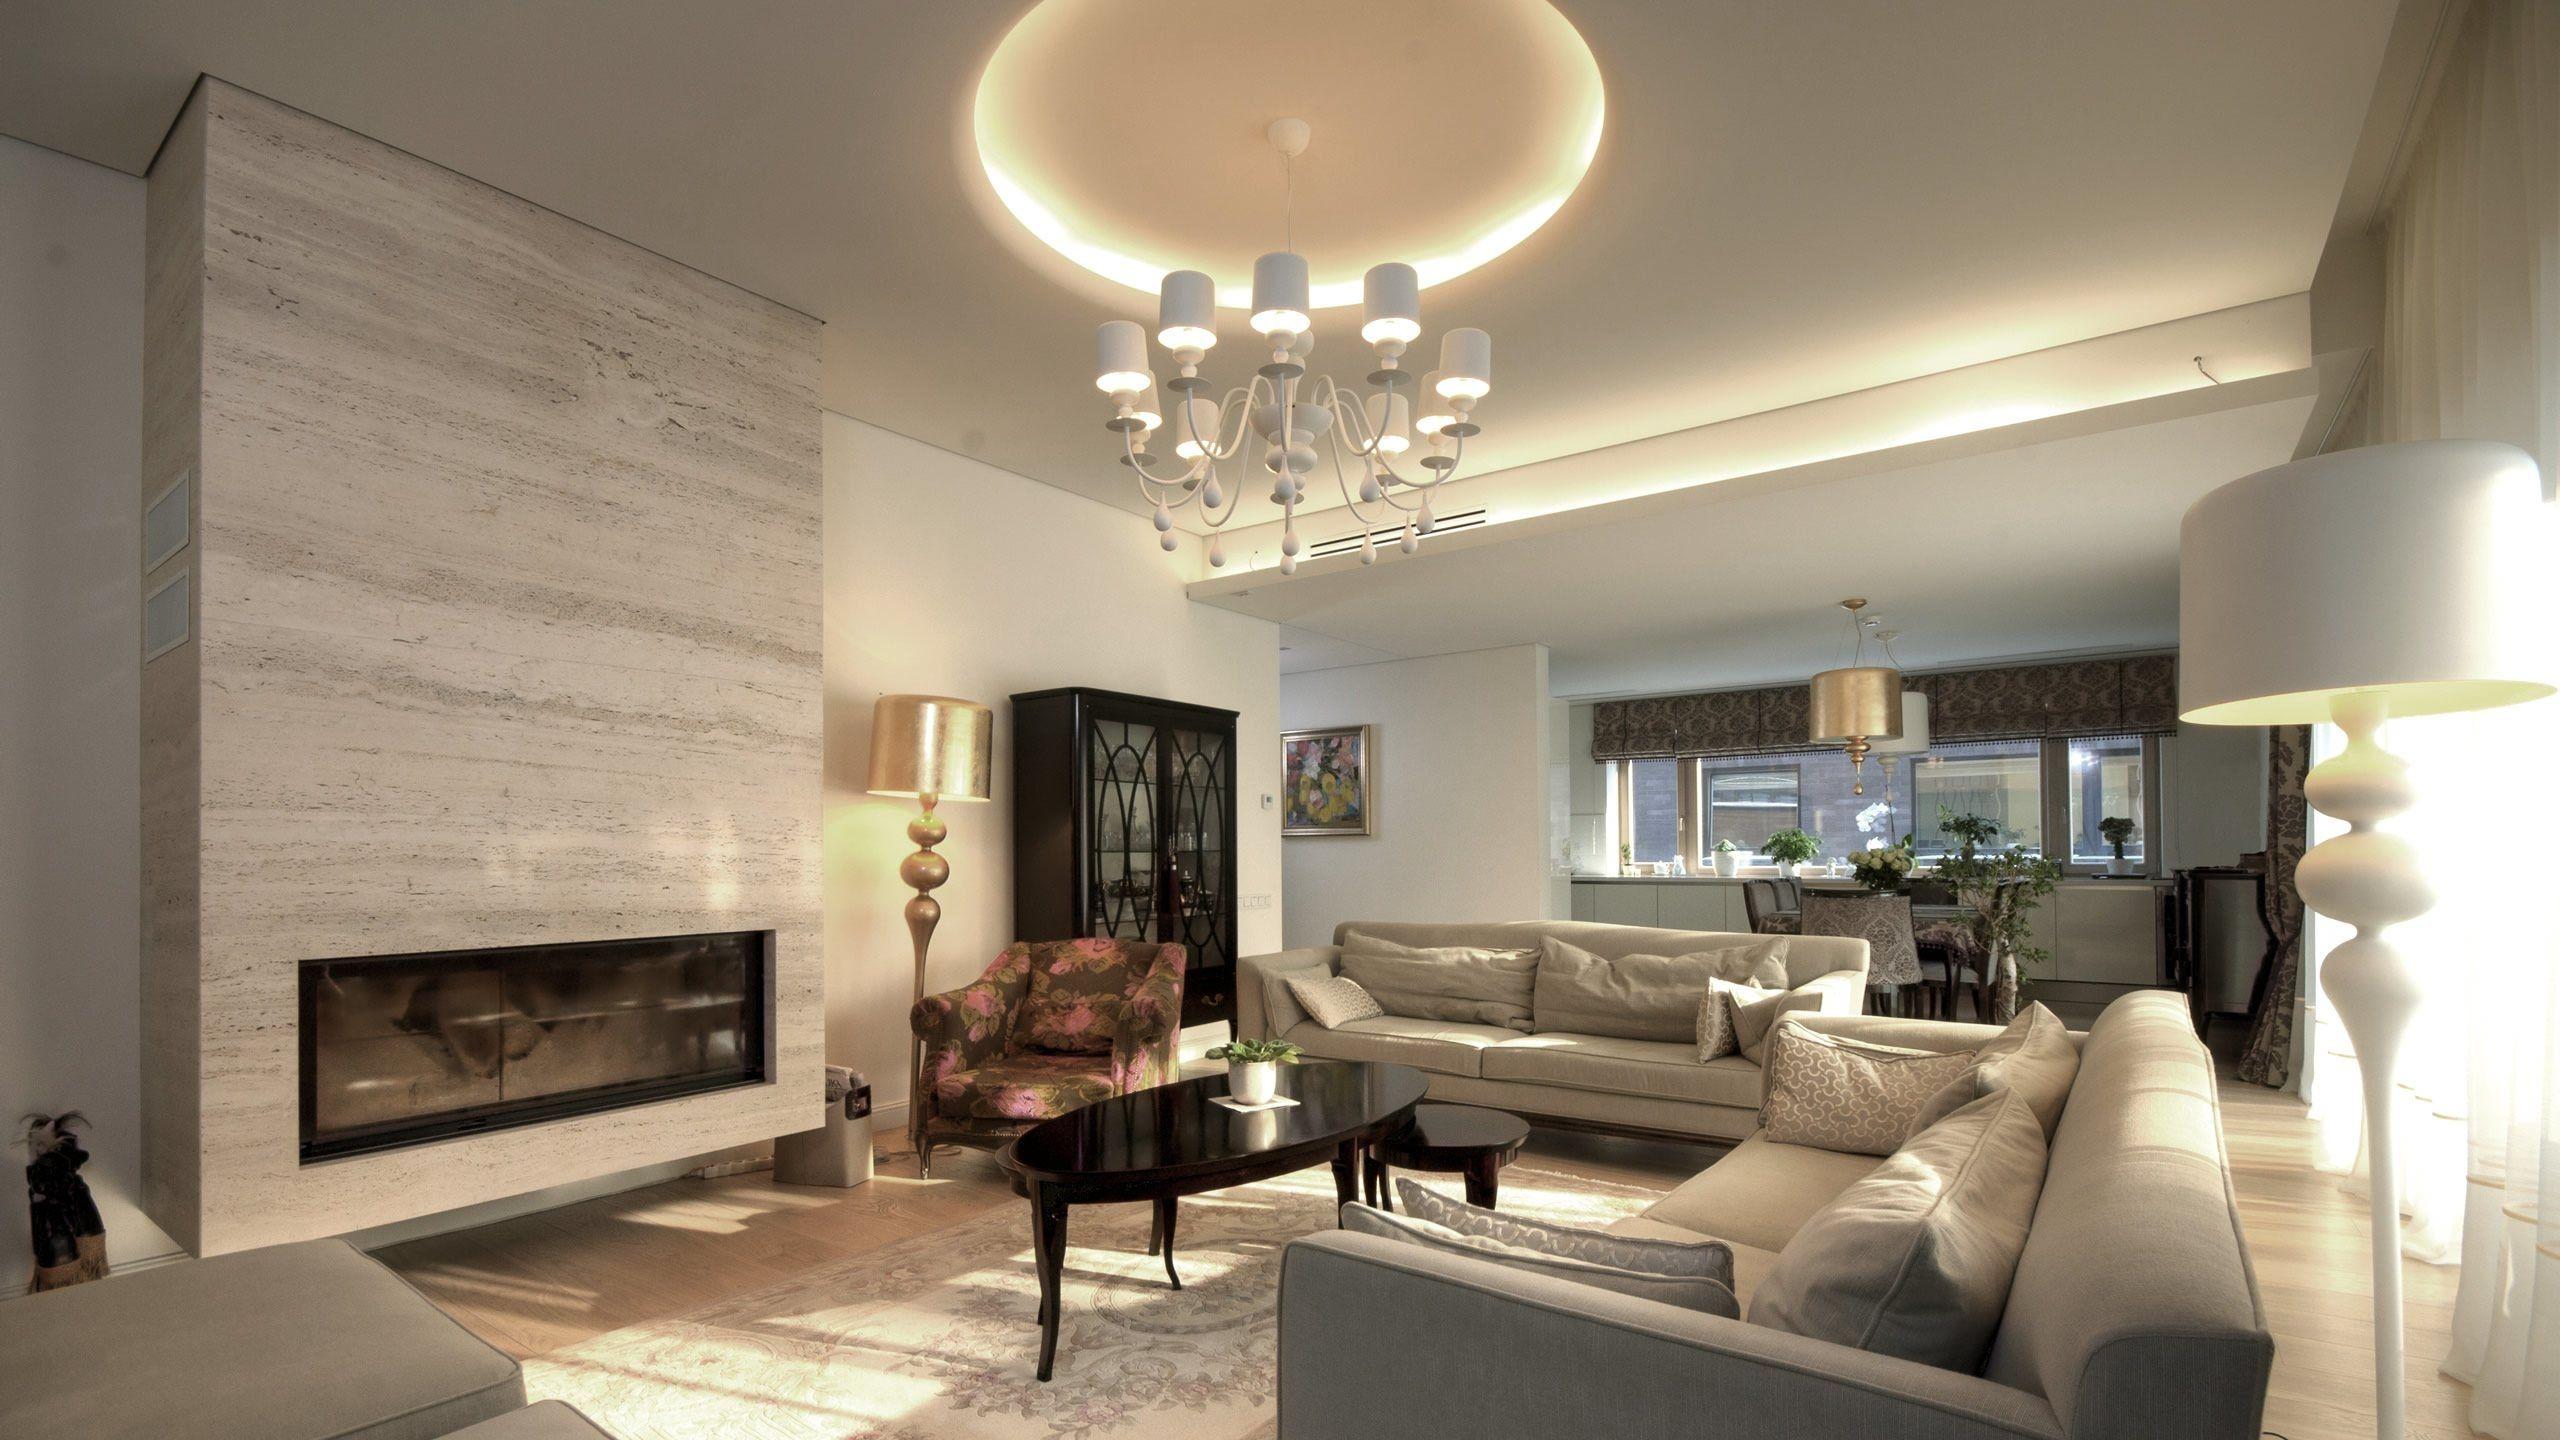 Modern Living Room Ideas Uk Home Ideas 2018 Contemporary Living Room Design Luxury Living Room Living Room Ideas Uk